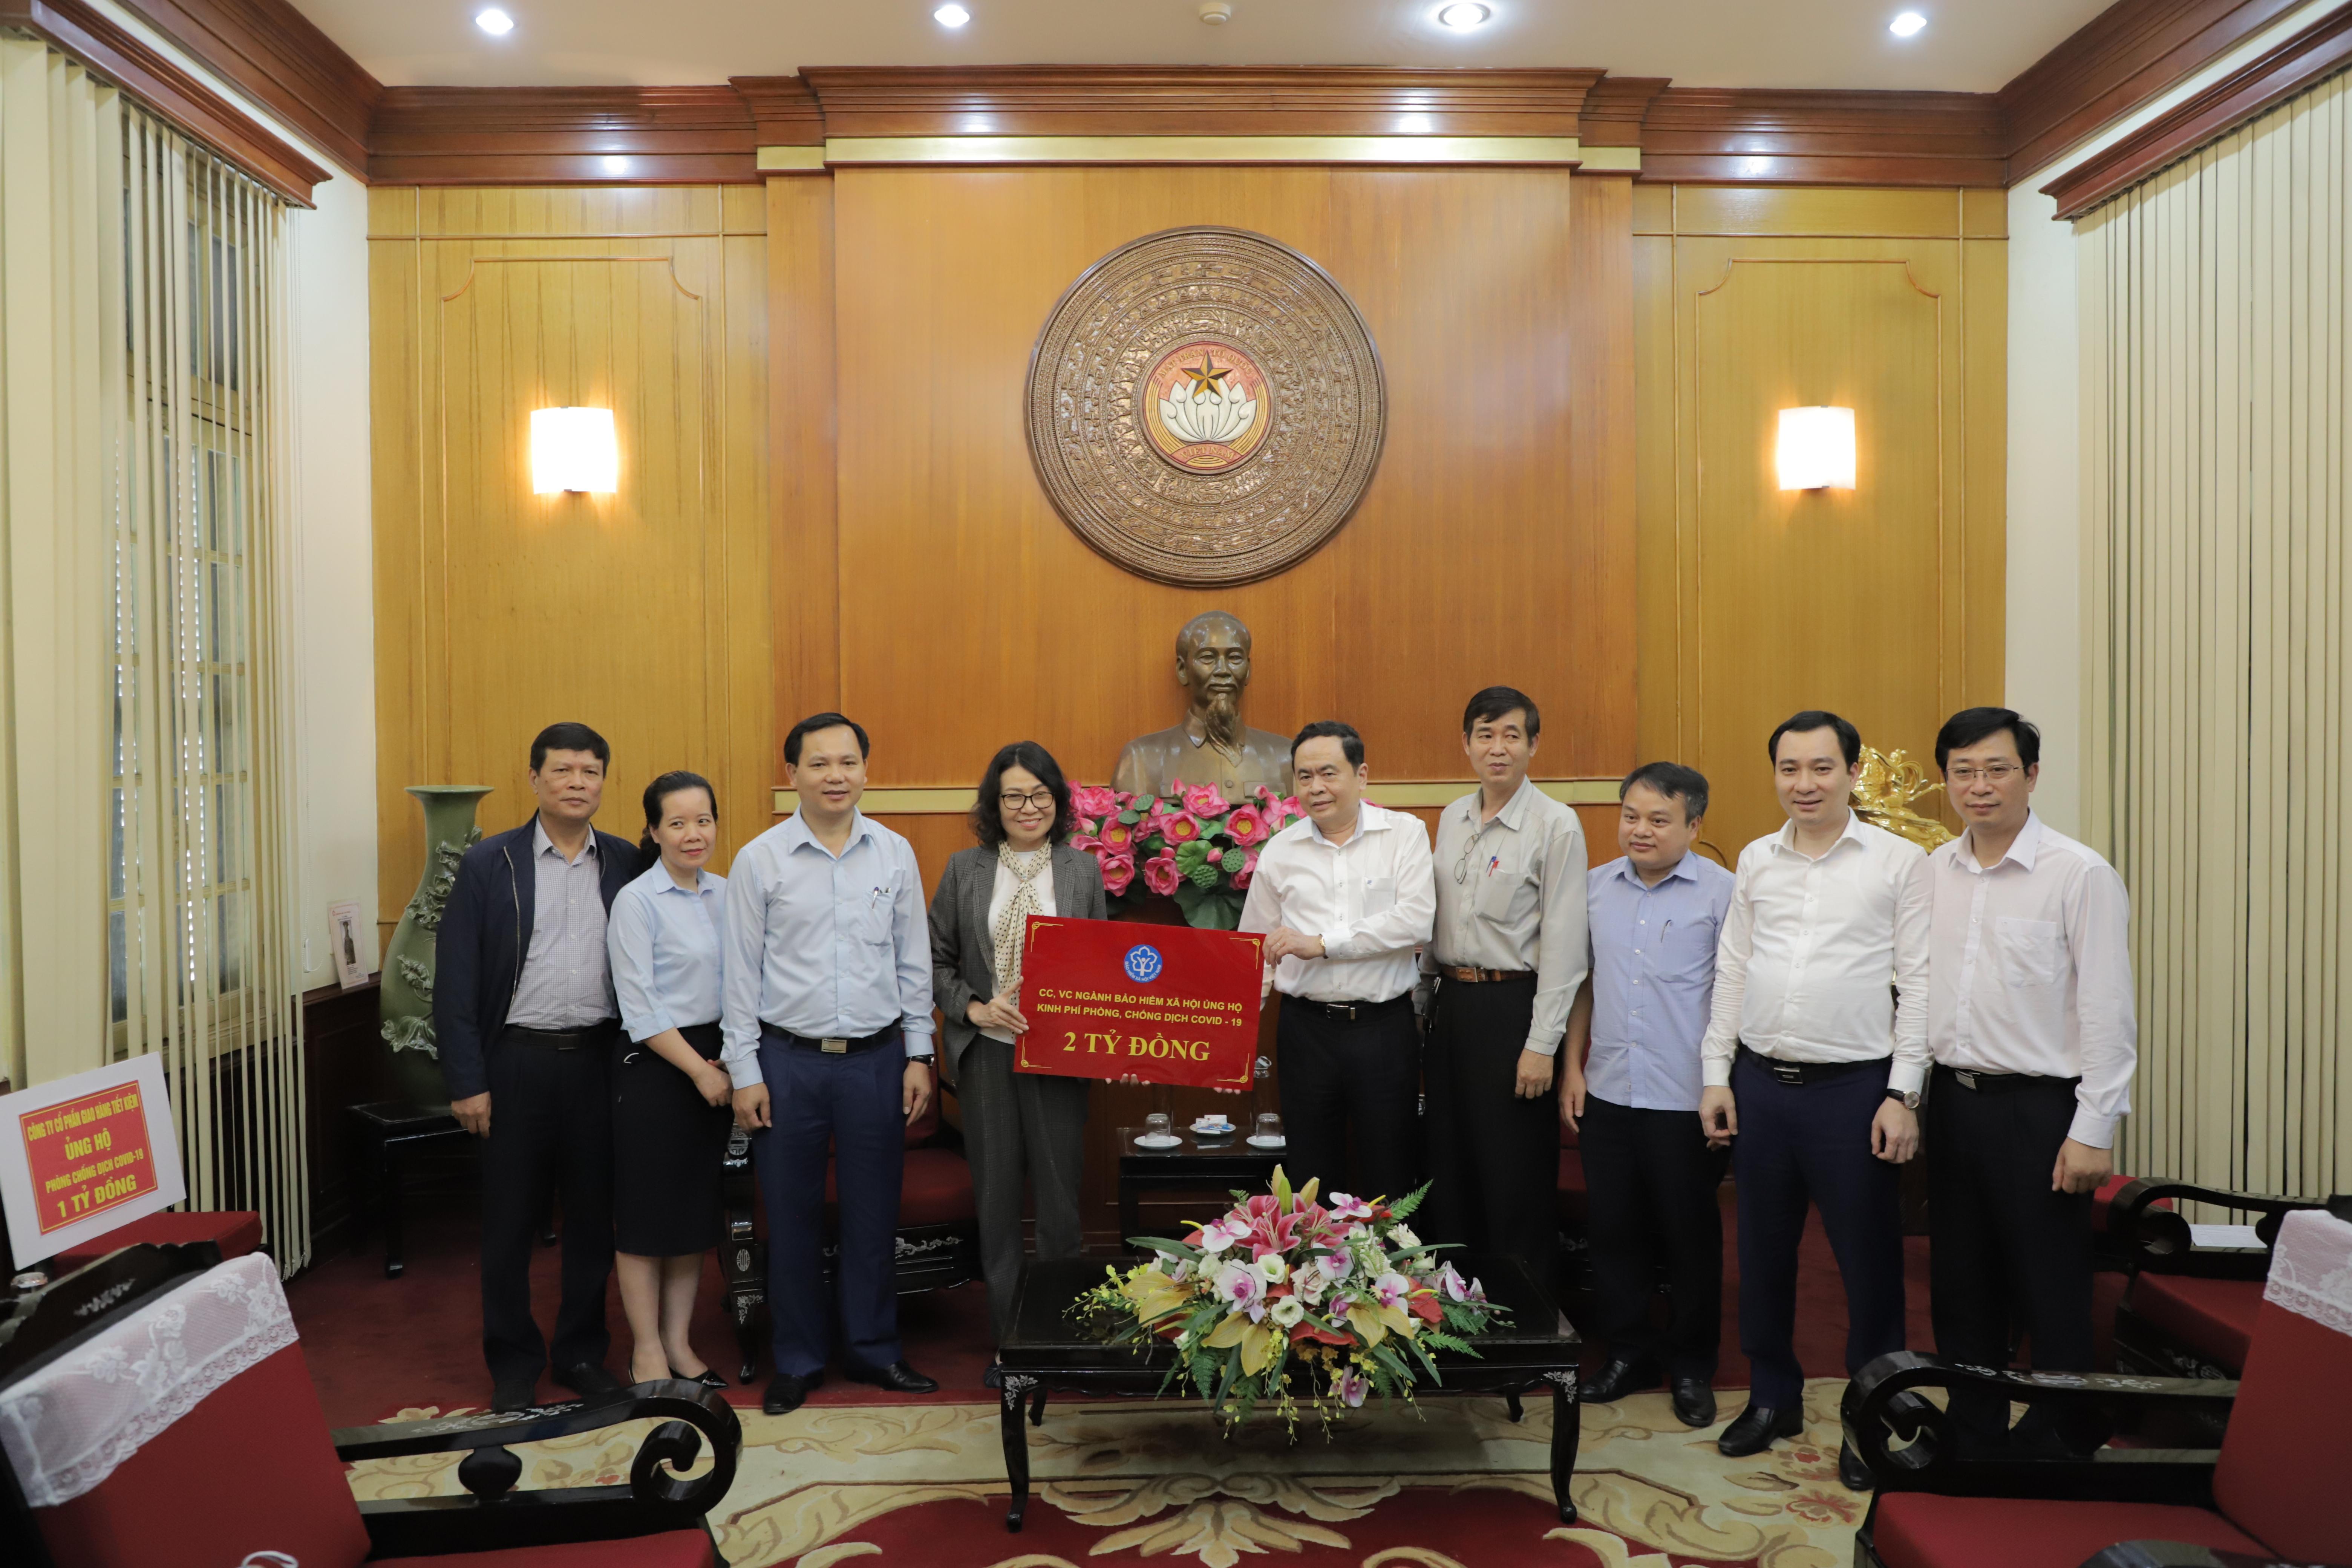 Bảo hiểm xã hội Việt Nam ủng hộ 2 tỷ đồng phòng chống dịch Covid-19